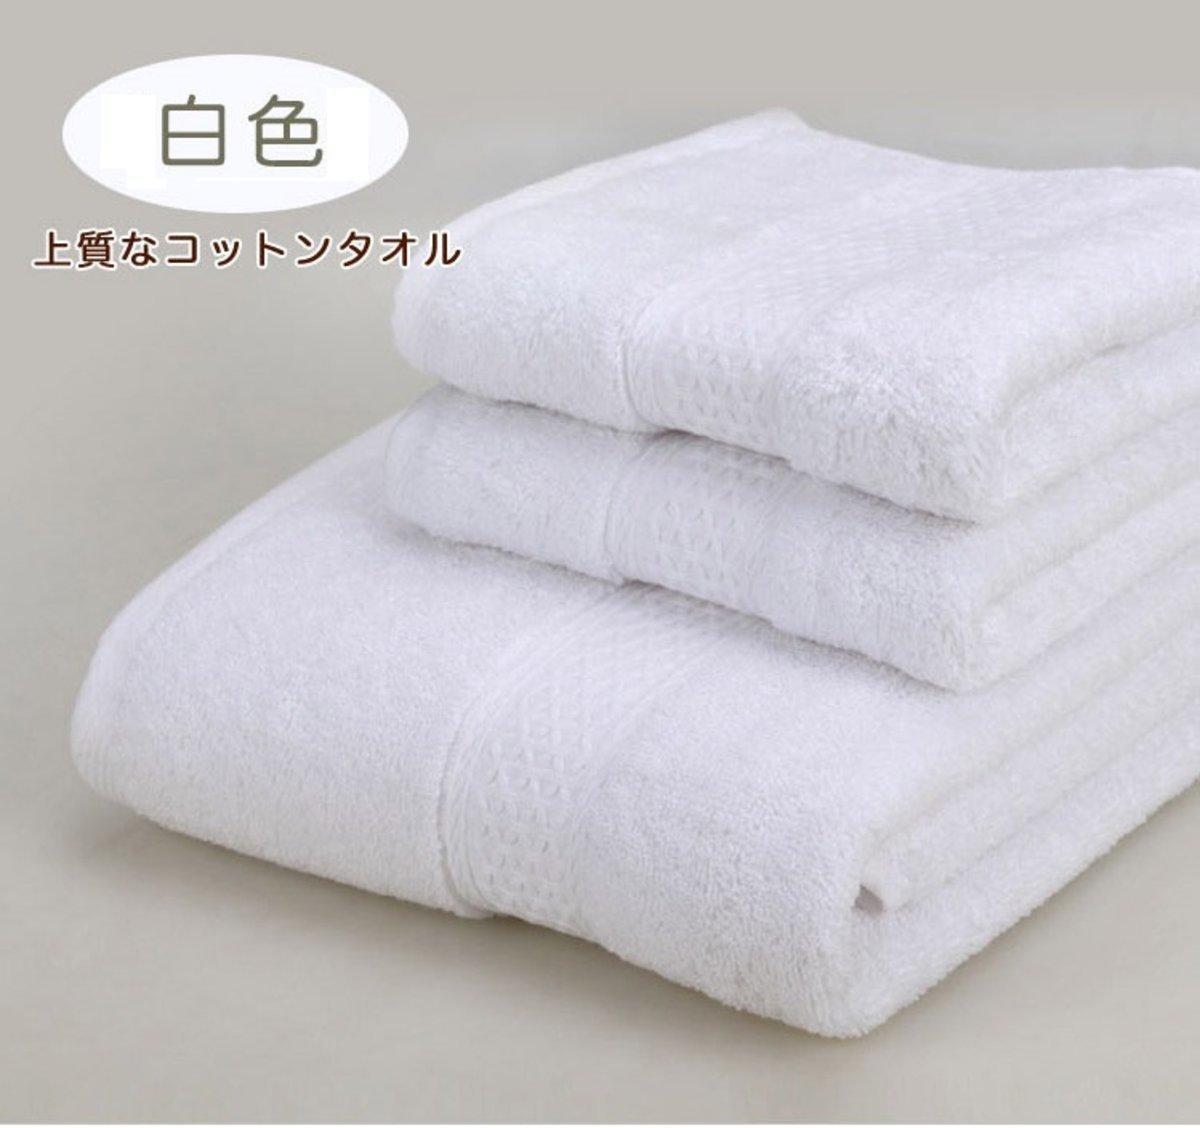 純棉大浴巾連毛巾3件套裝 / WHITE